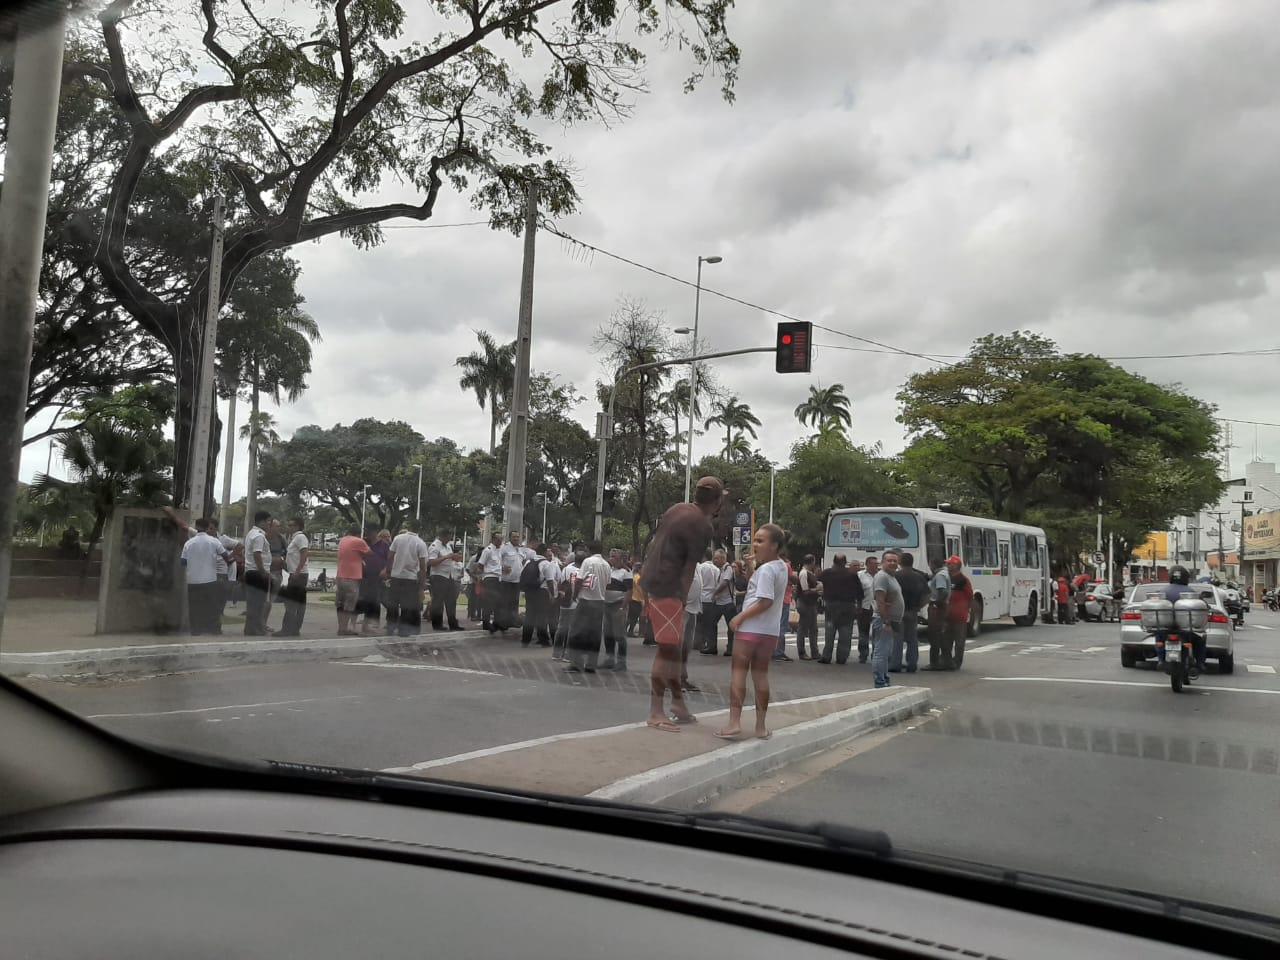 3b5b69ef 2547 4a78 b604 939d3538633e - VEÍCULOS PARADOS: Motoristas de transportes coletivos paralisam atividades e ocupam Parque da Lagoa